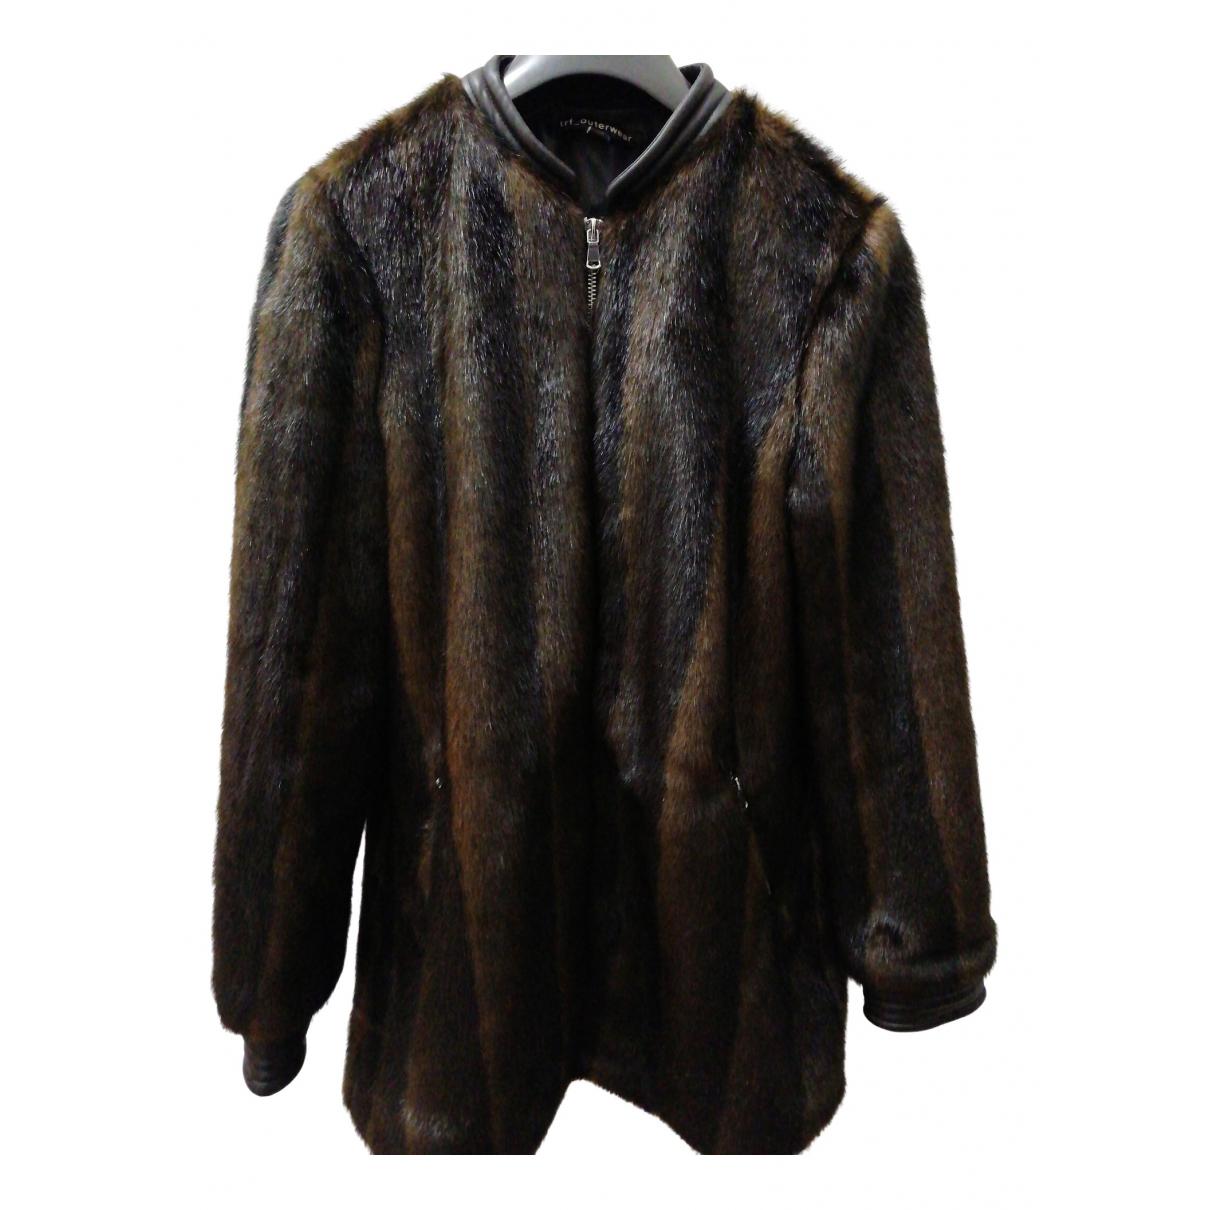 Zara - Manteau   pour femme en fourrure synthetique - marron